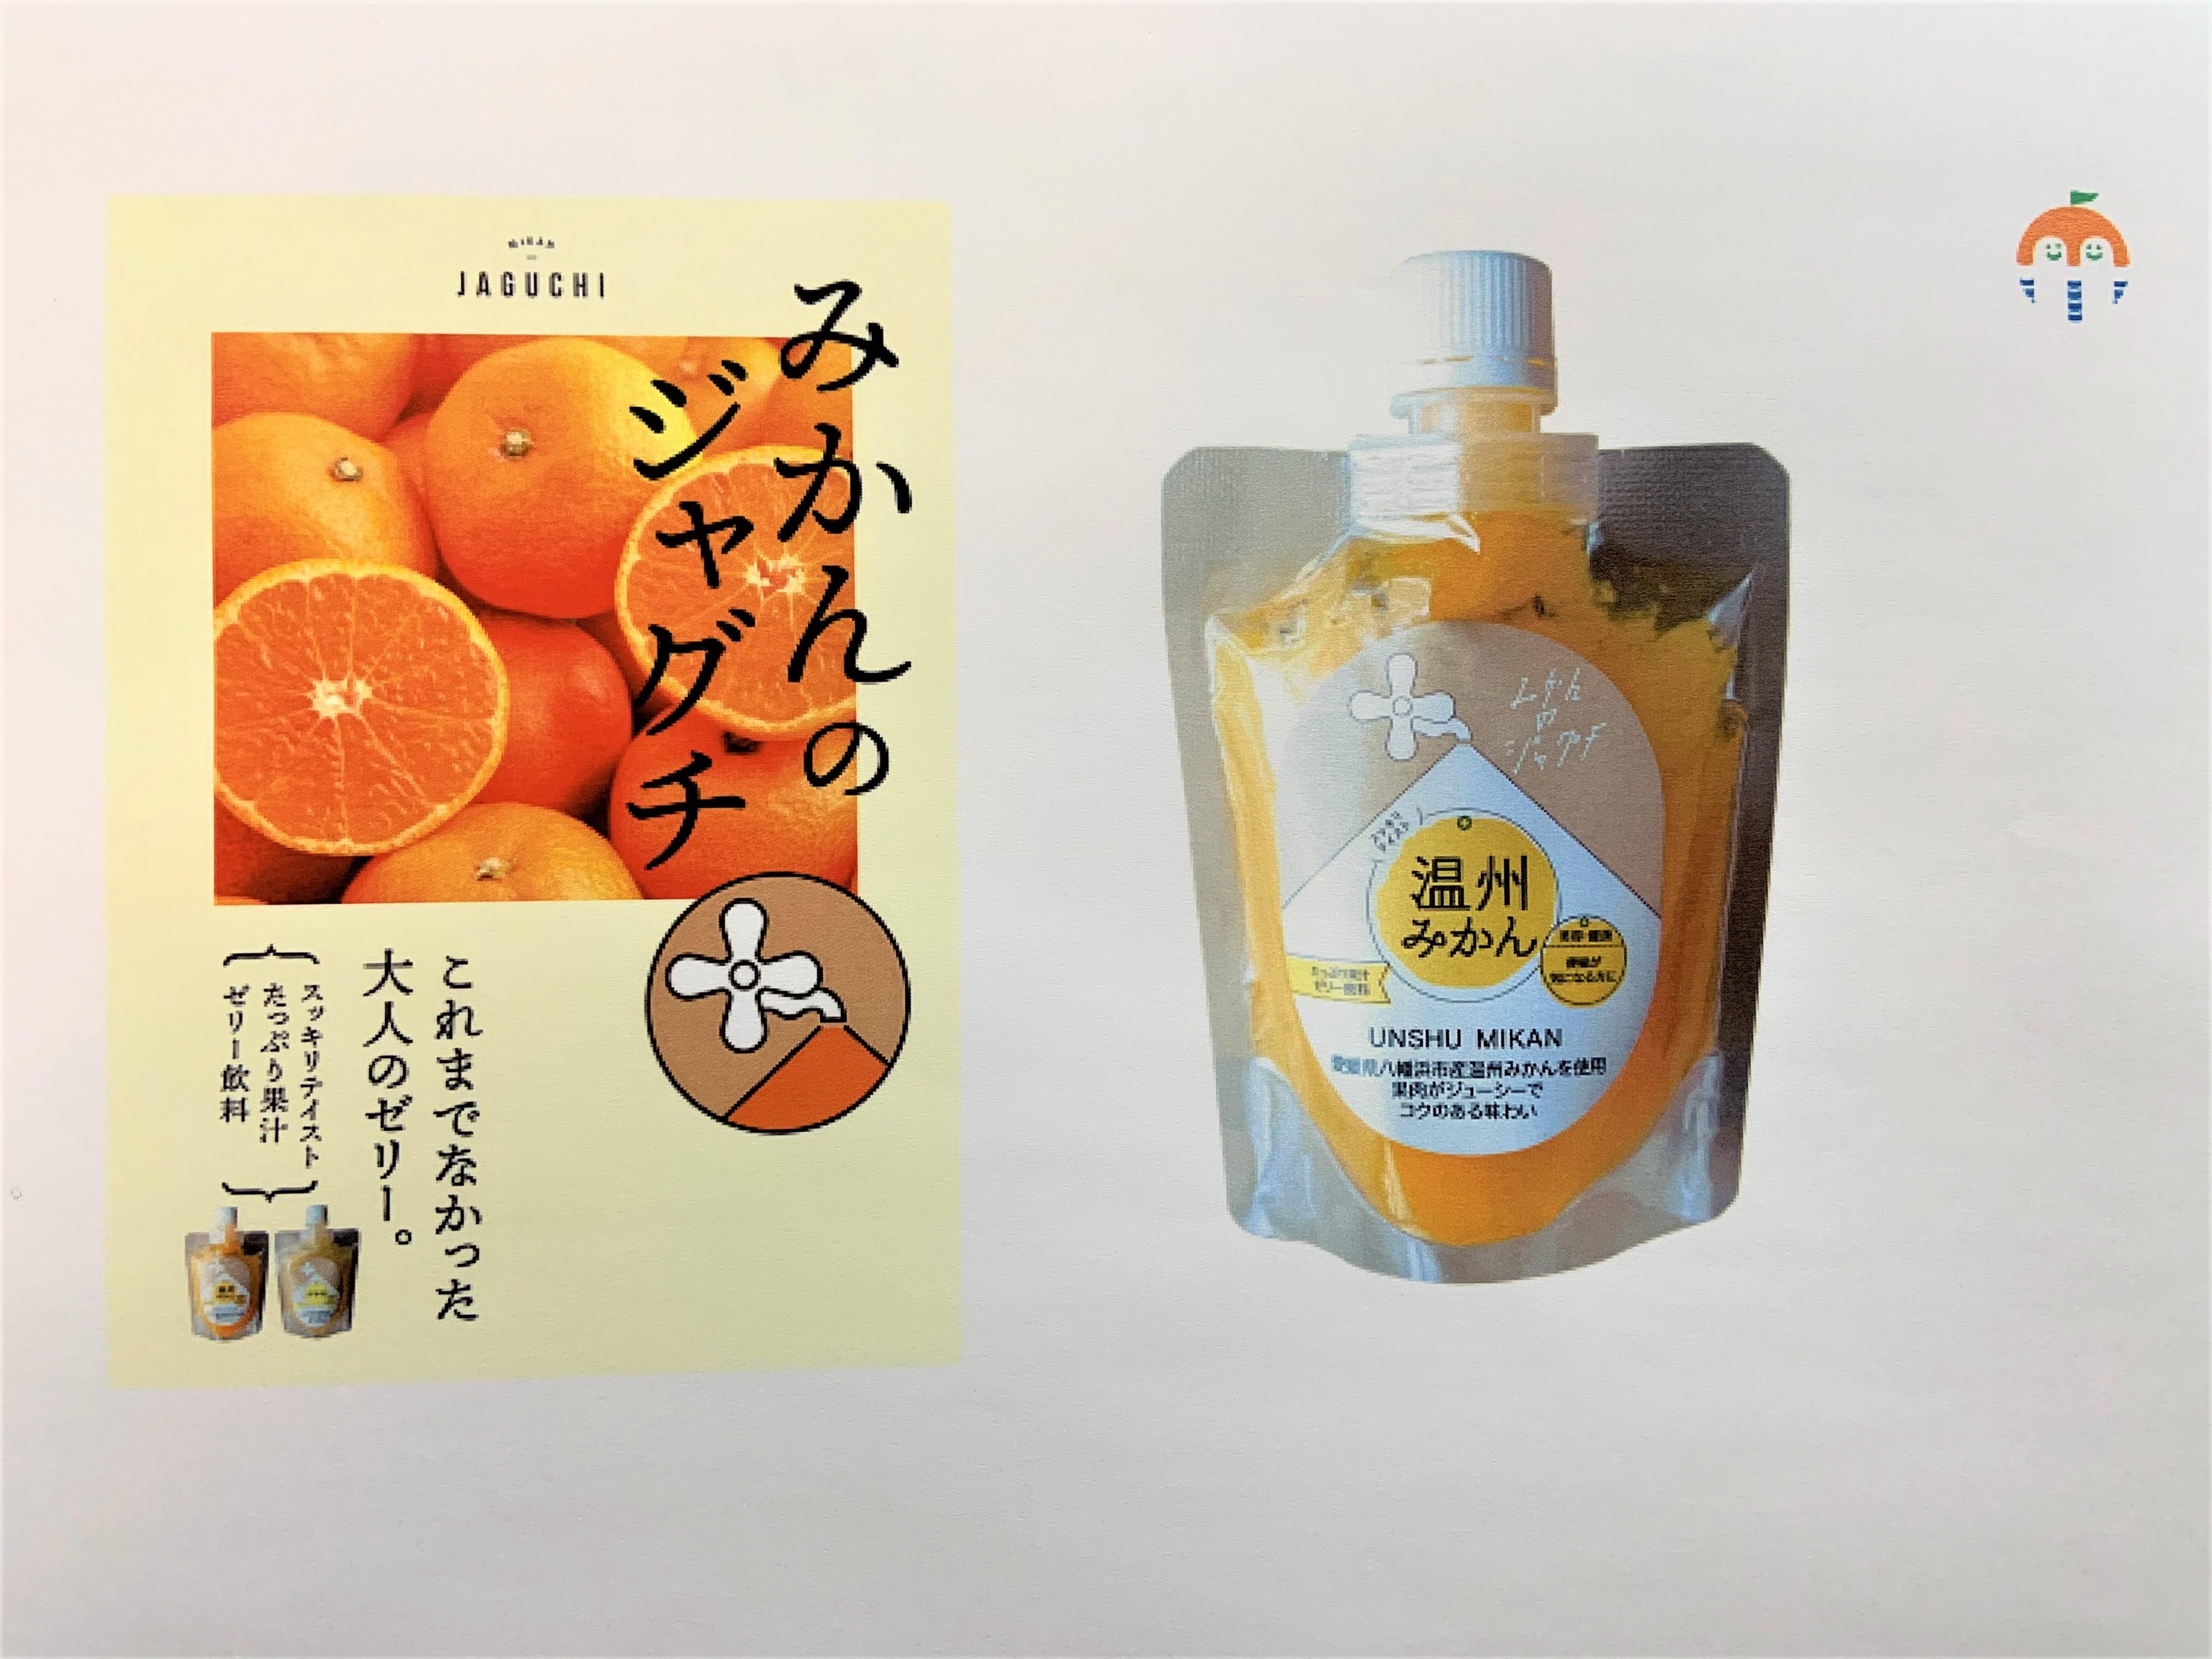 12153【年度テーマ】柑橘ゼリー「みかんのジャグチ」